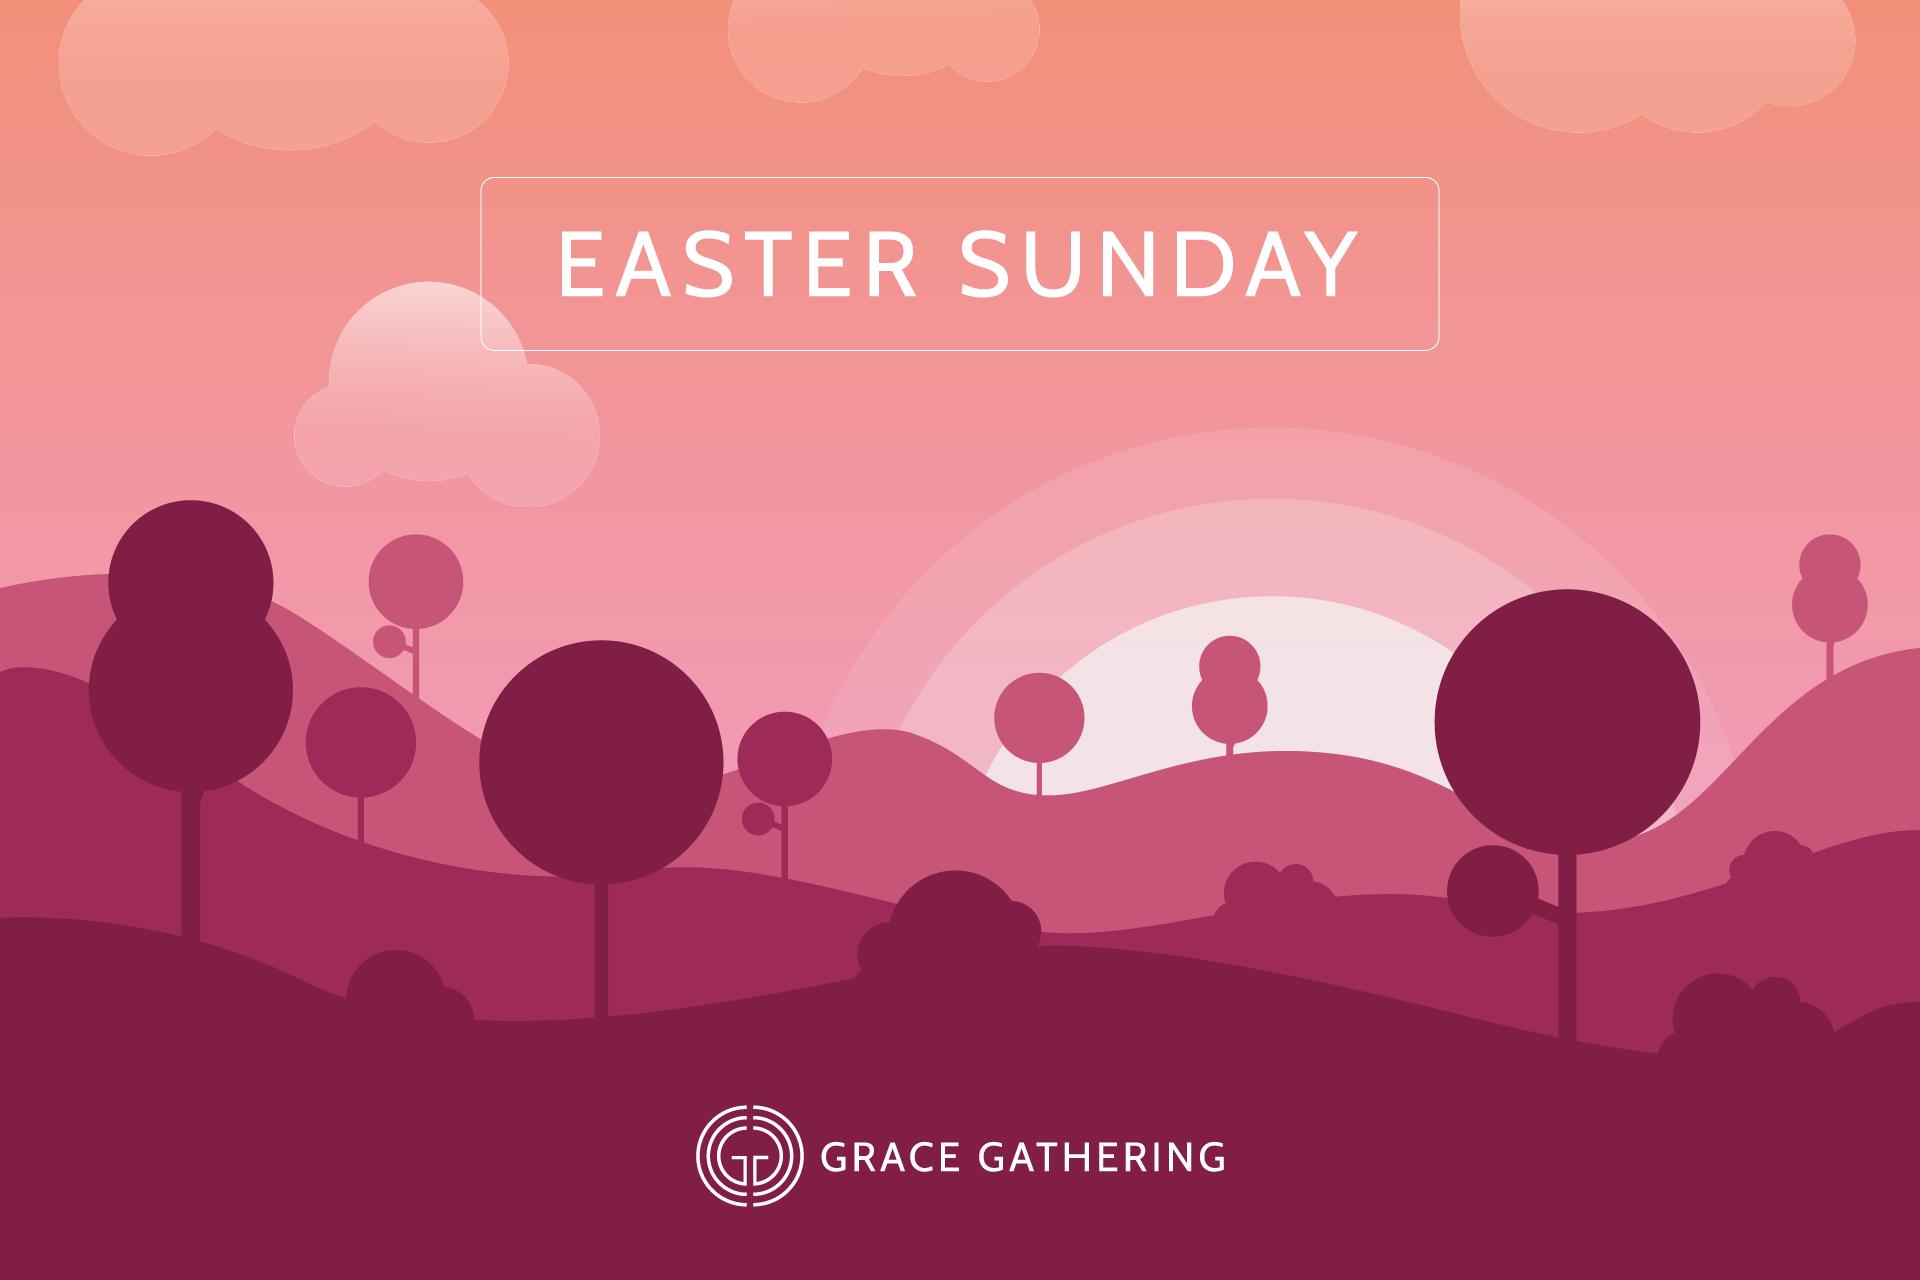 Easter 2019 – Scott Jester